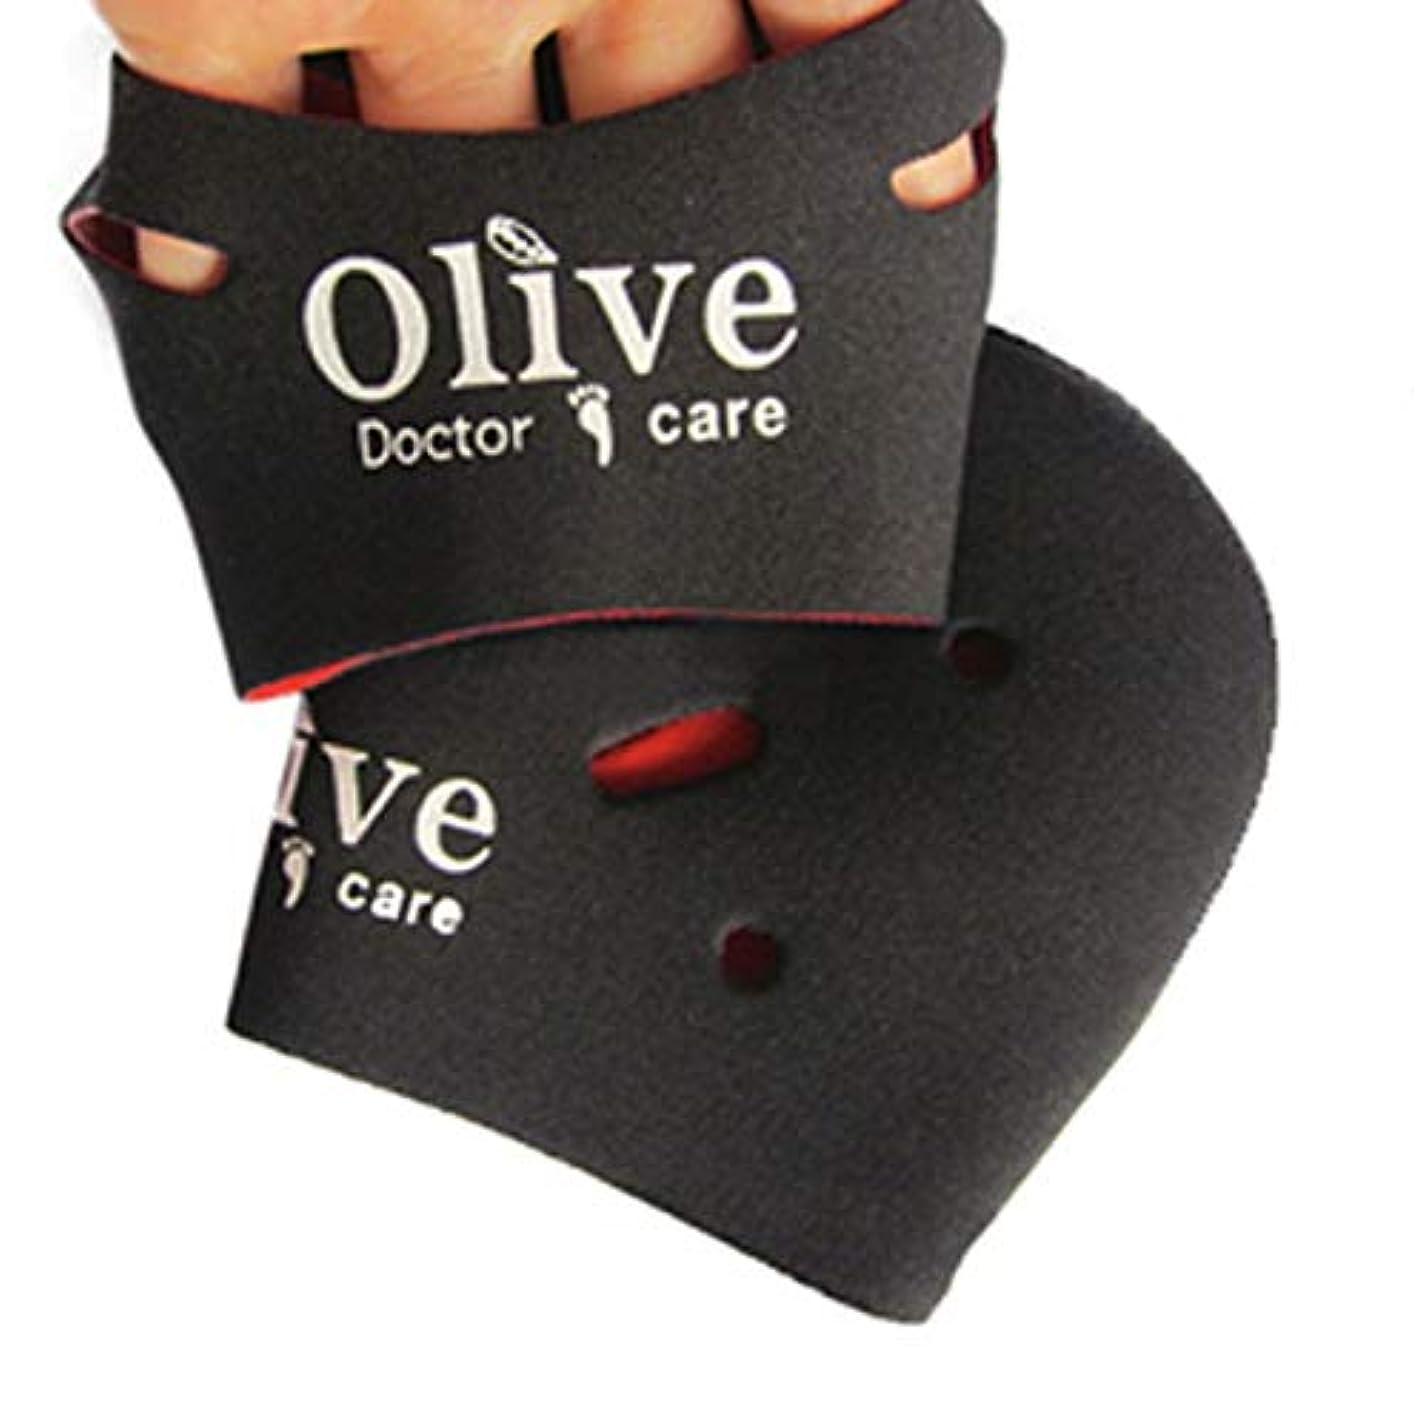 ミス以下対象[NICE-SHOP]かかとケア靴下 Olive Doctor Care